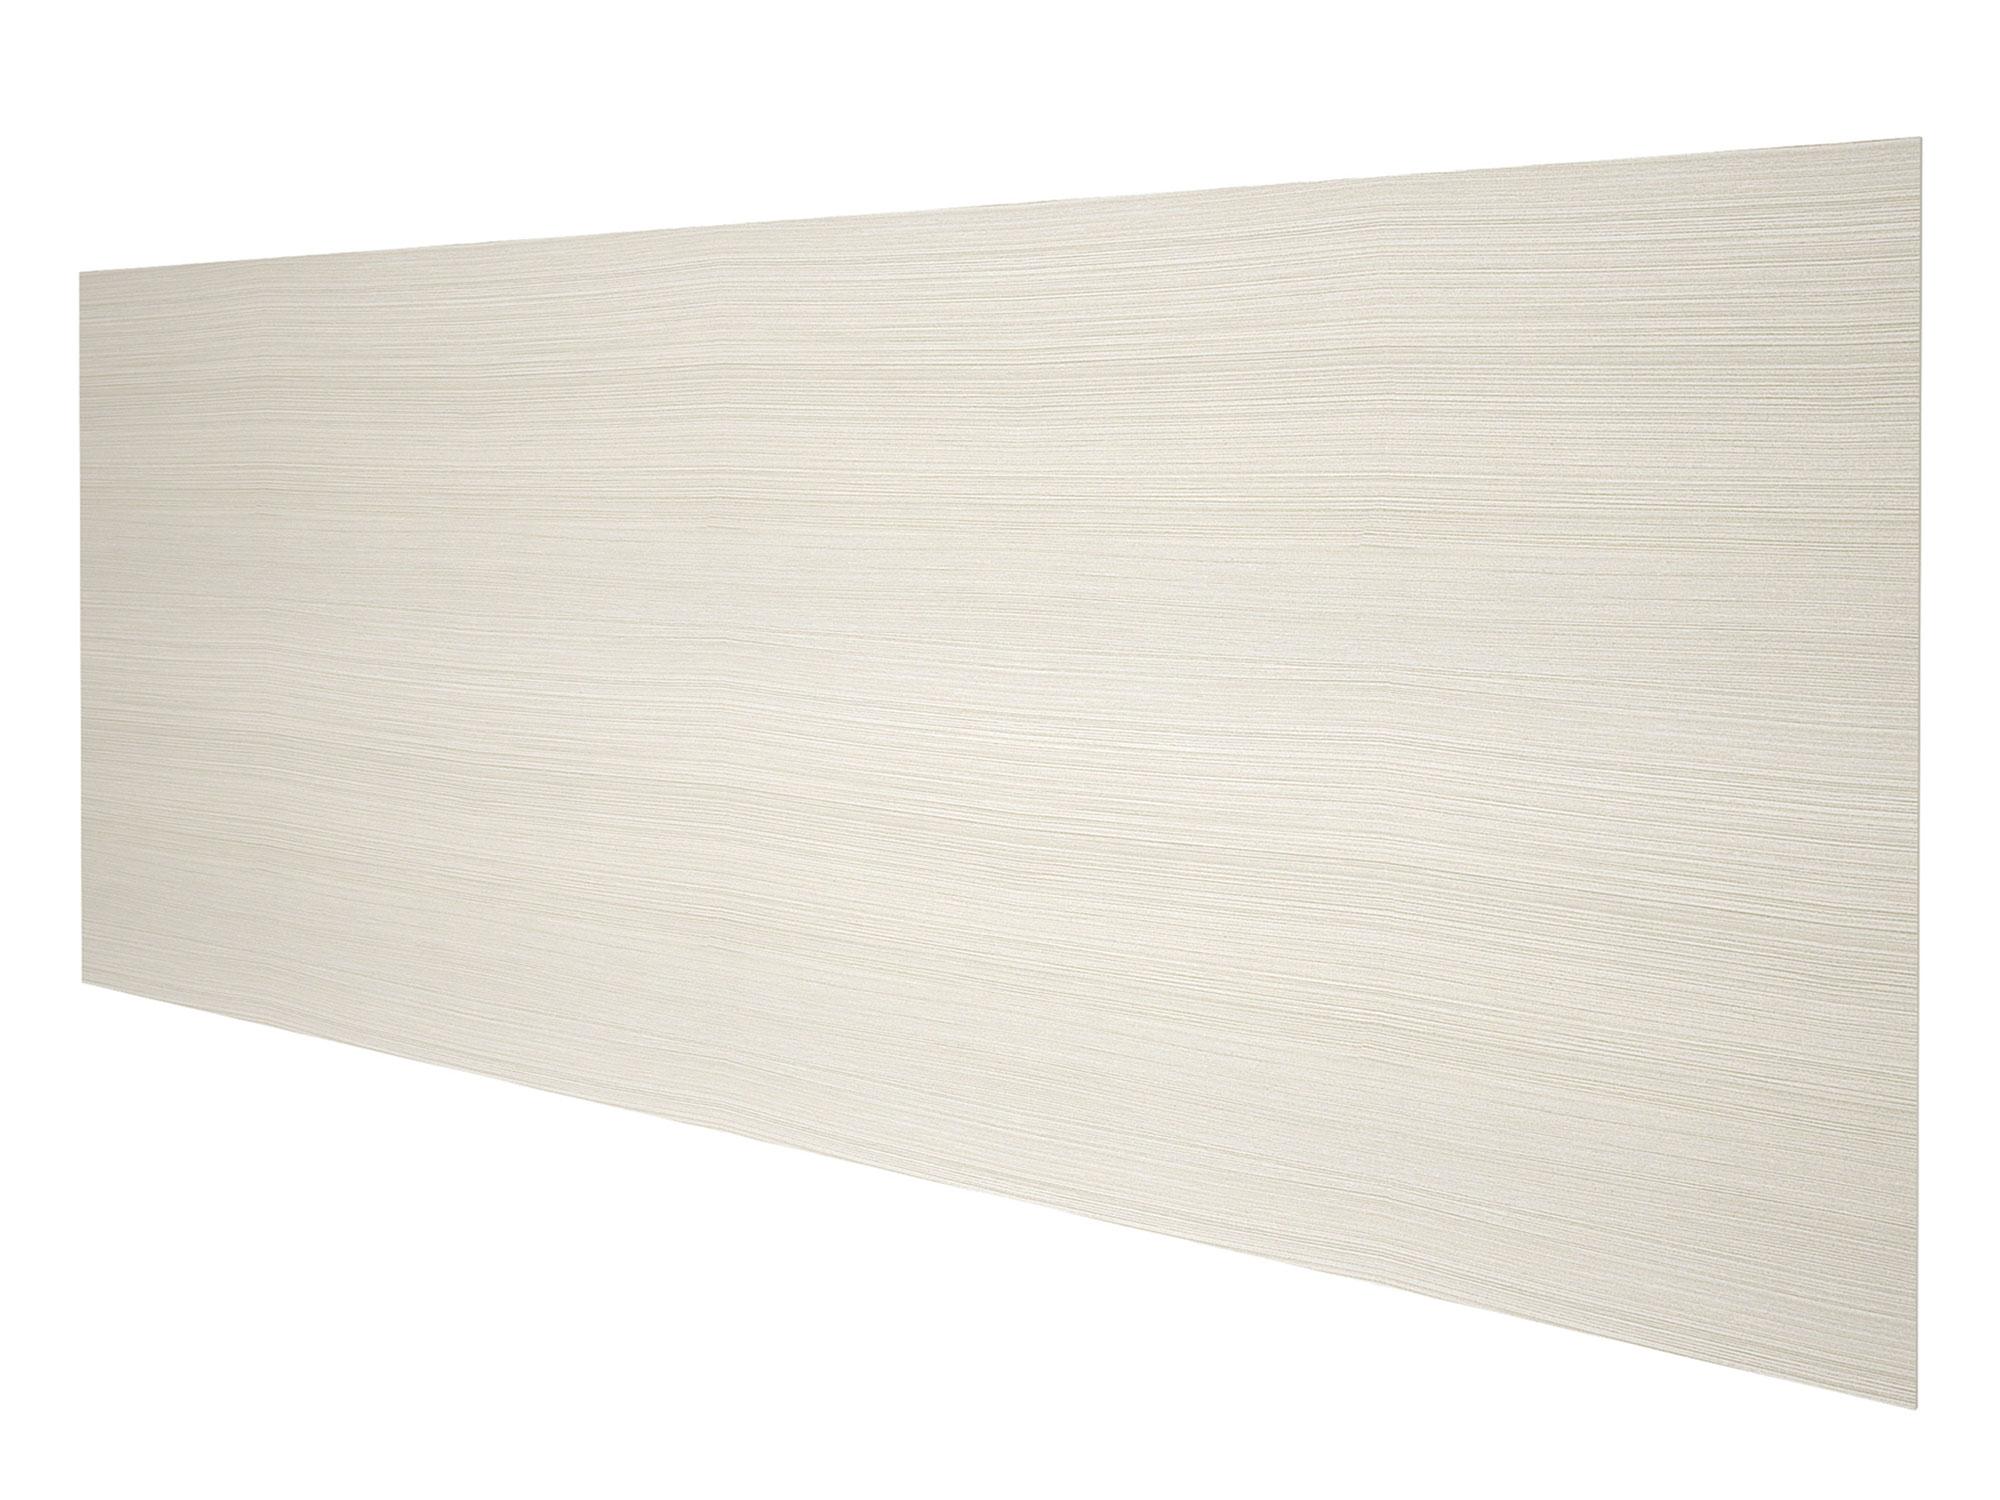 Стеновая панель 142М Риголетто светлый, Код цвета 142М, МДФ